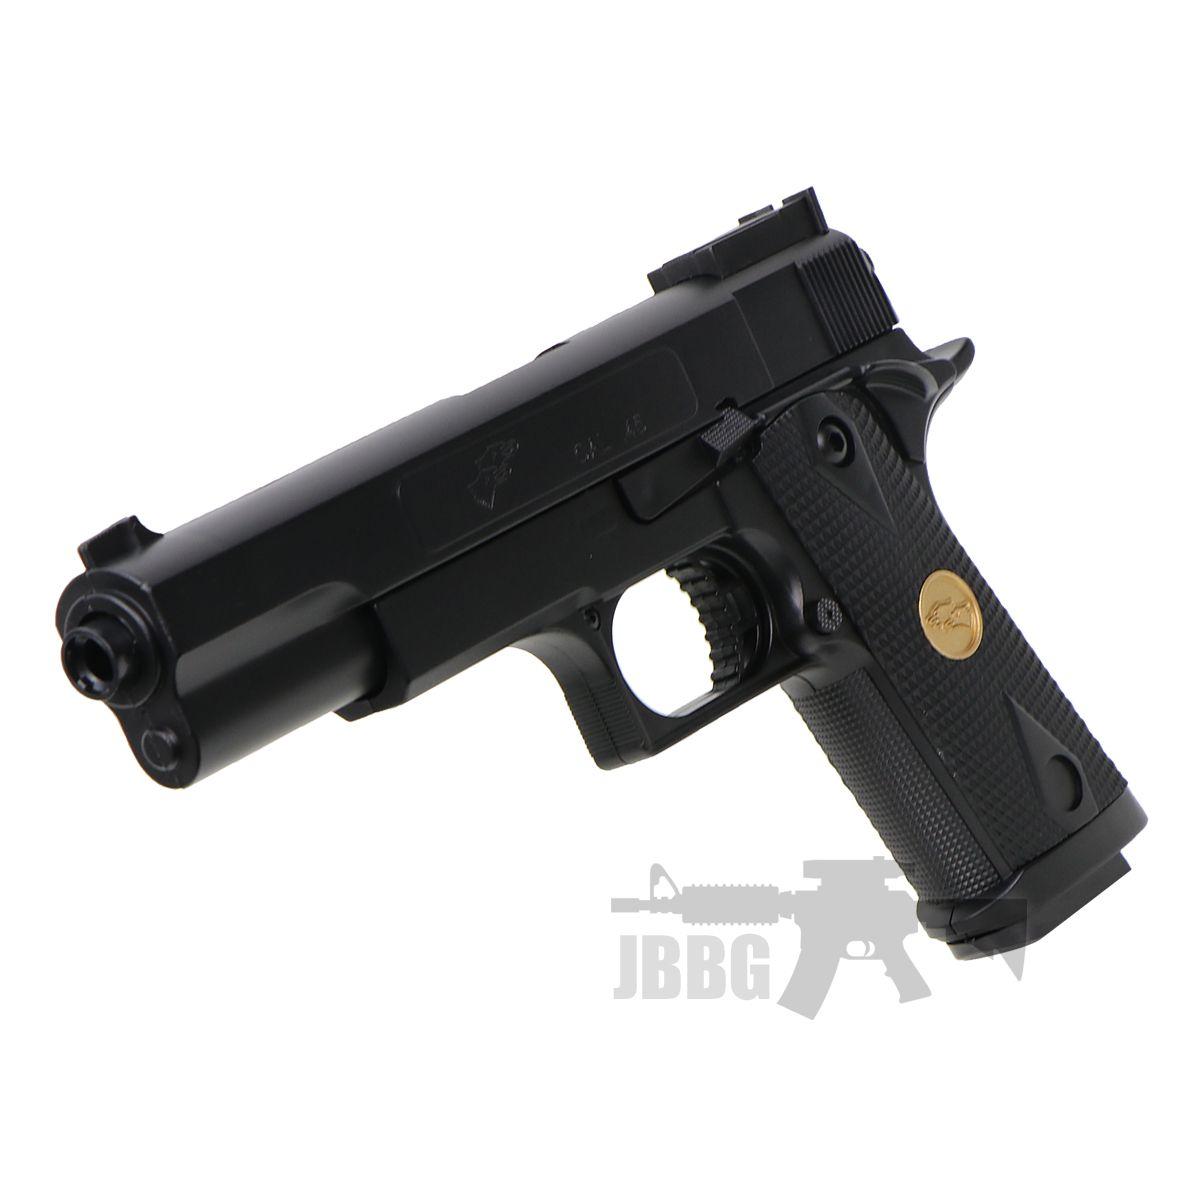 pistol black 55